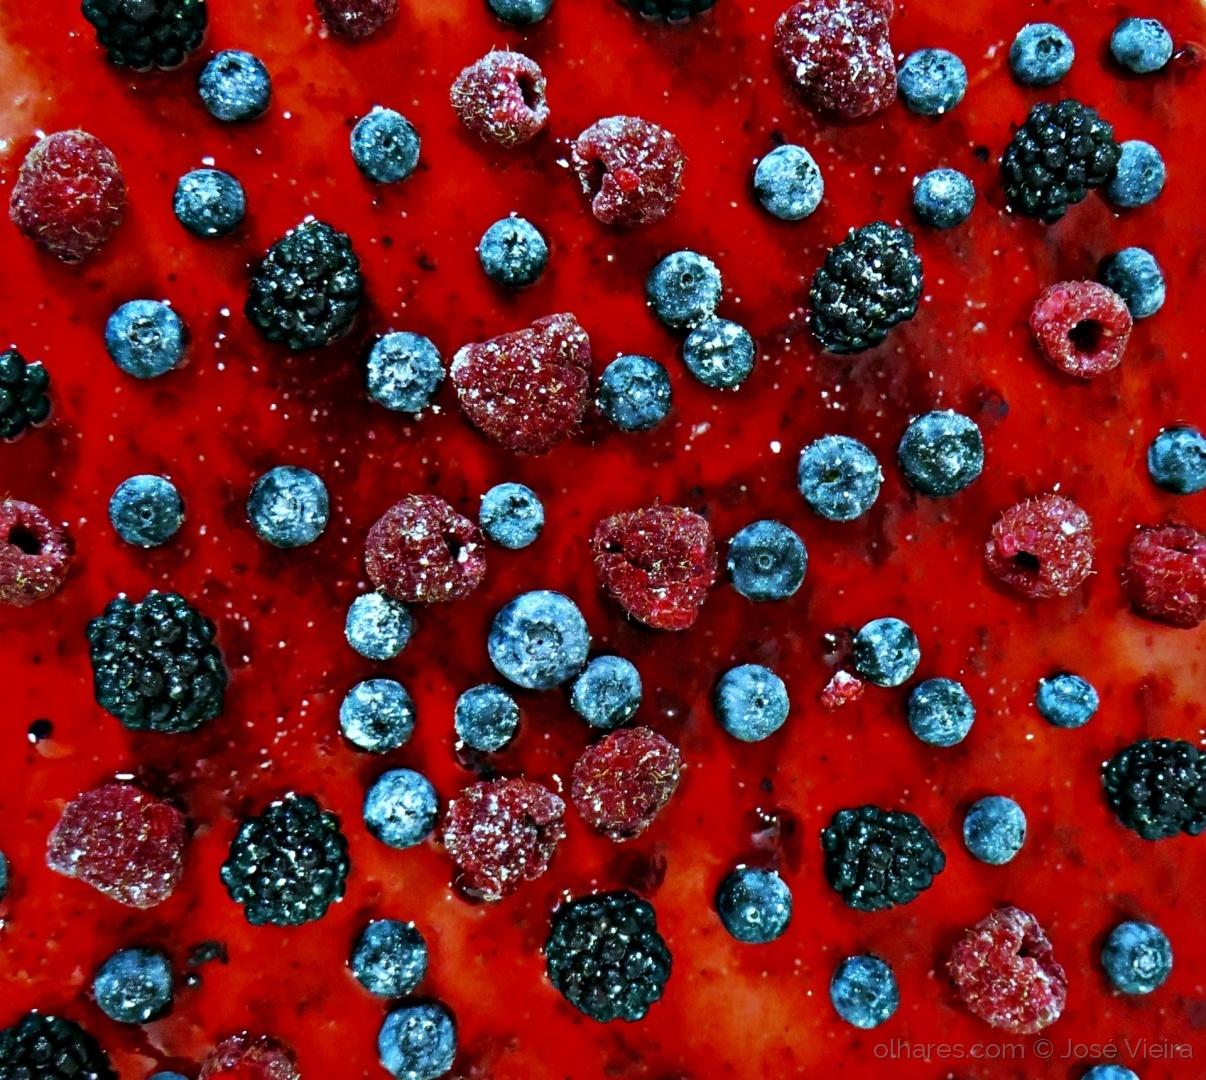 Gastronomia/Frutos vermelhos